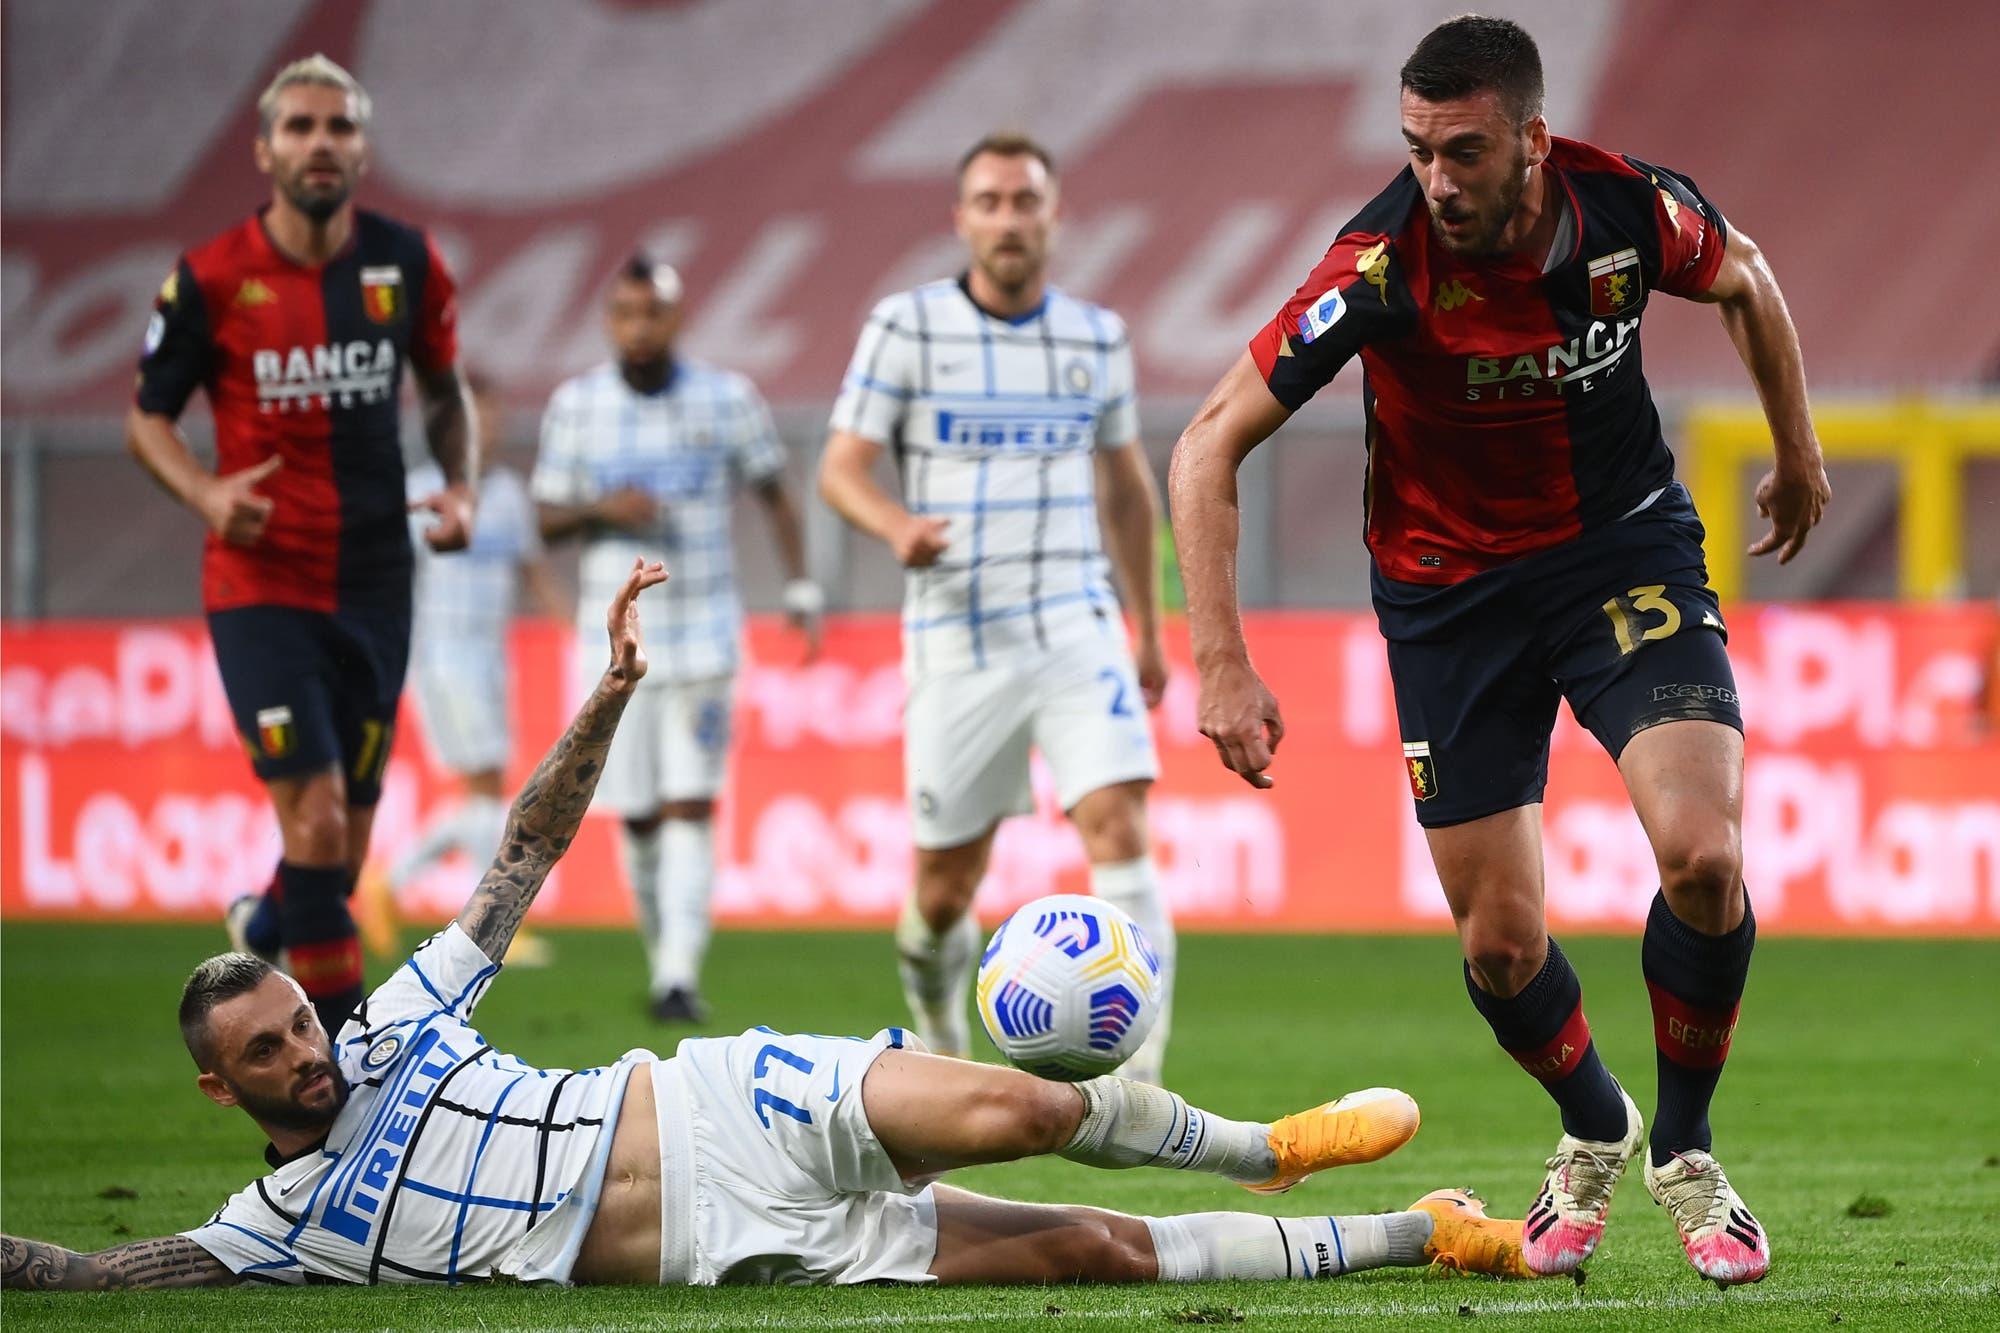 Genoa-Inter: uno de los duelos del sábado en la Serie A de Italia, con Lautaro Martínez